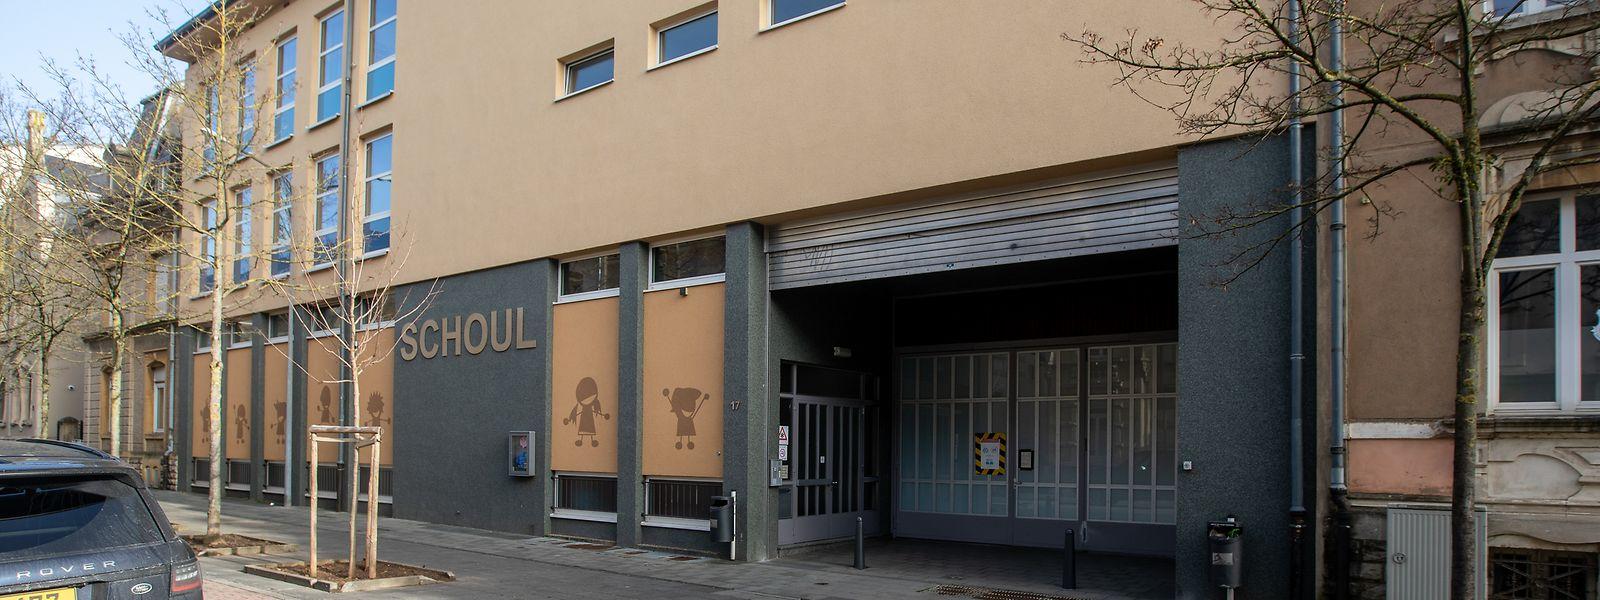 In der Schule in der Rue Michel Welter sind die Klassen regelmäßig zu klein.